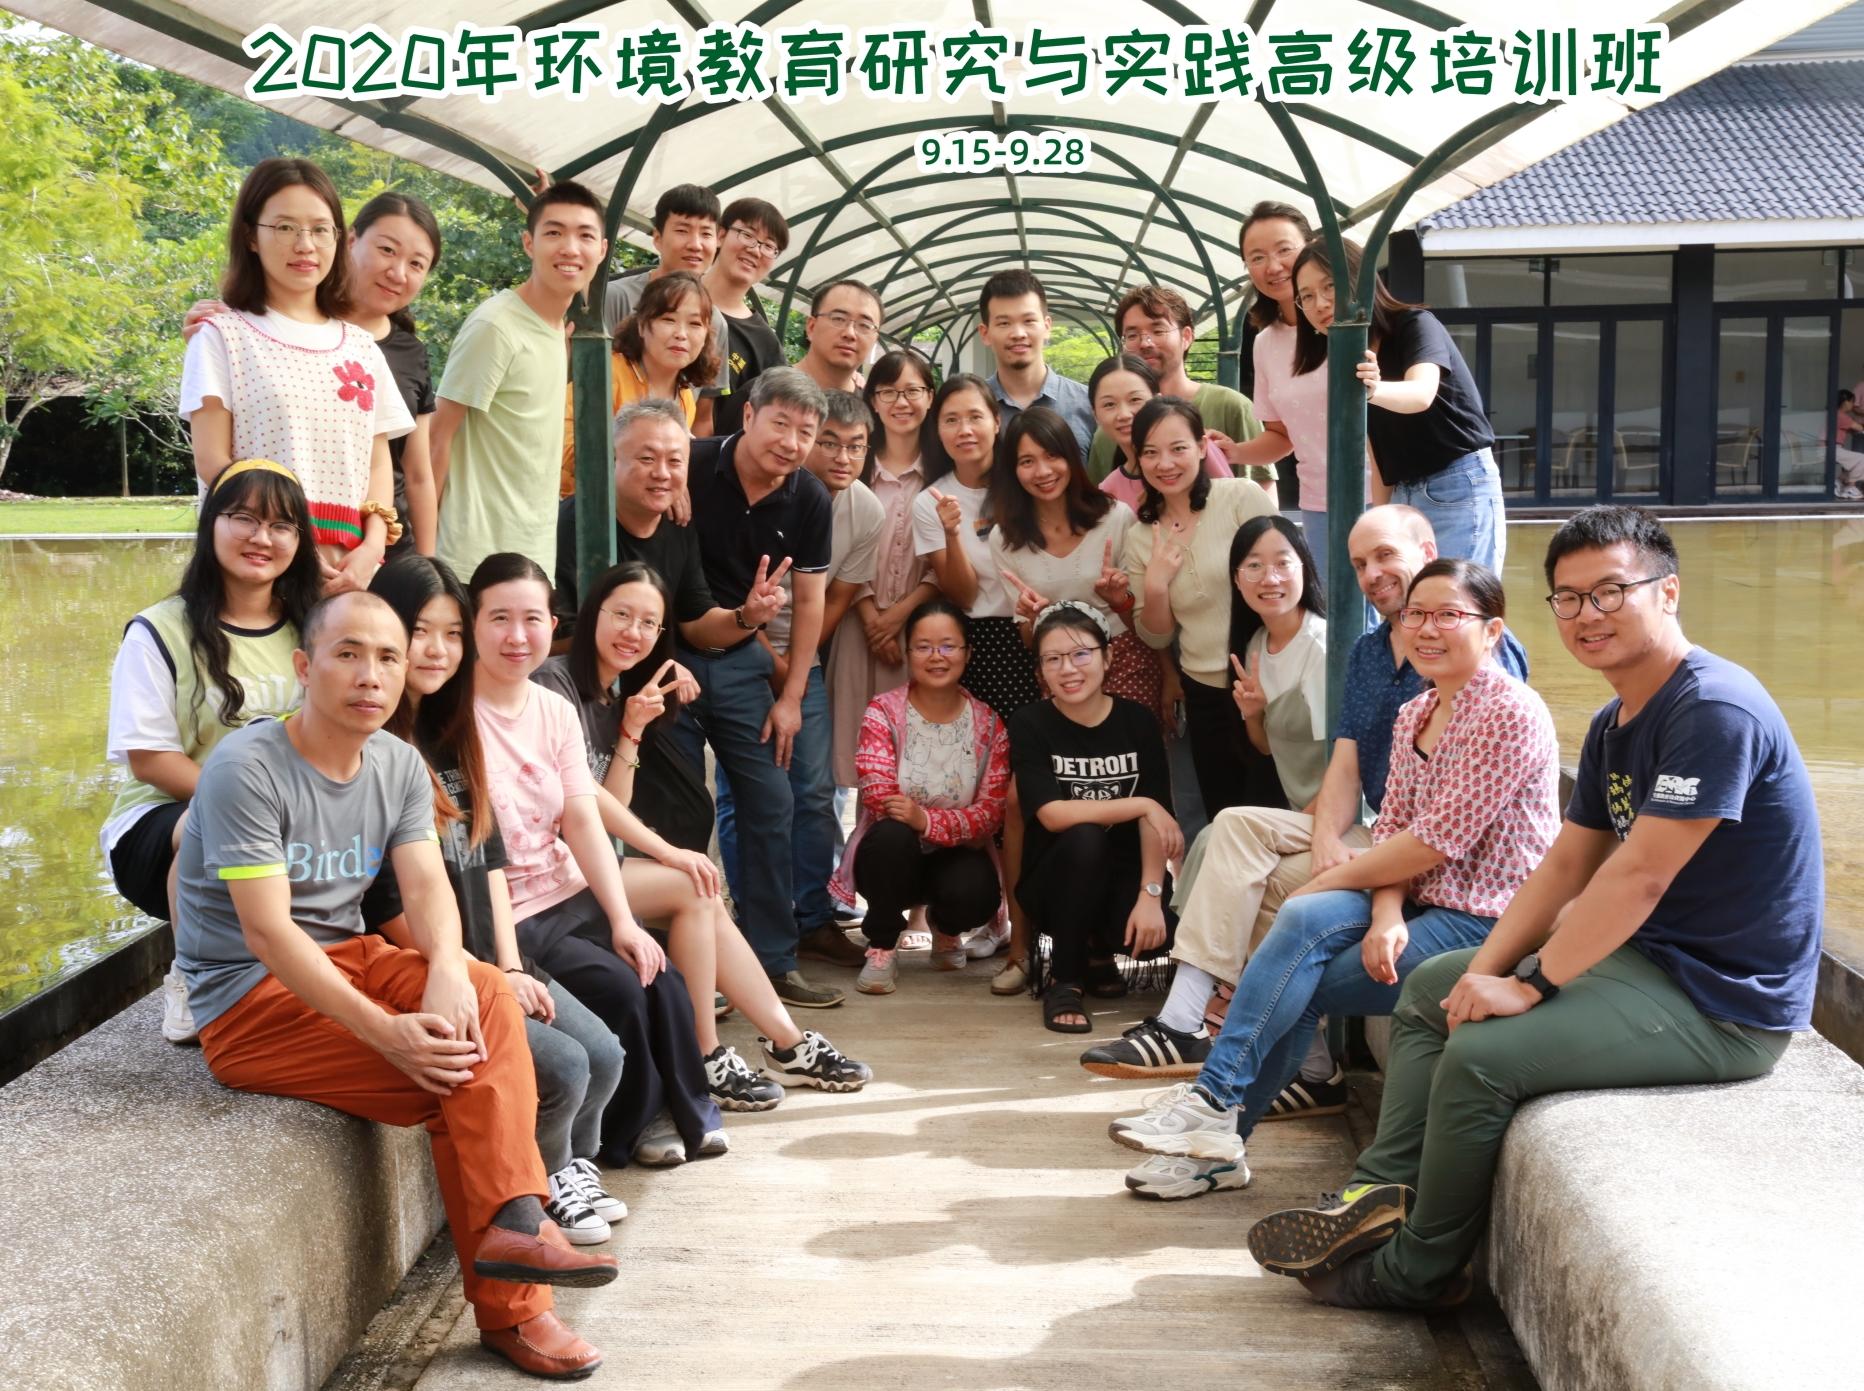 2020年环境教育研究与实践高级培训班学员名单